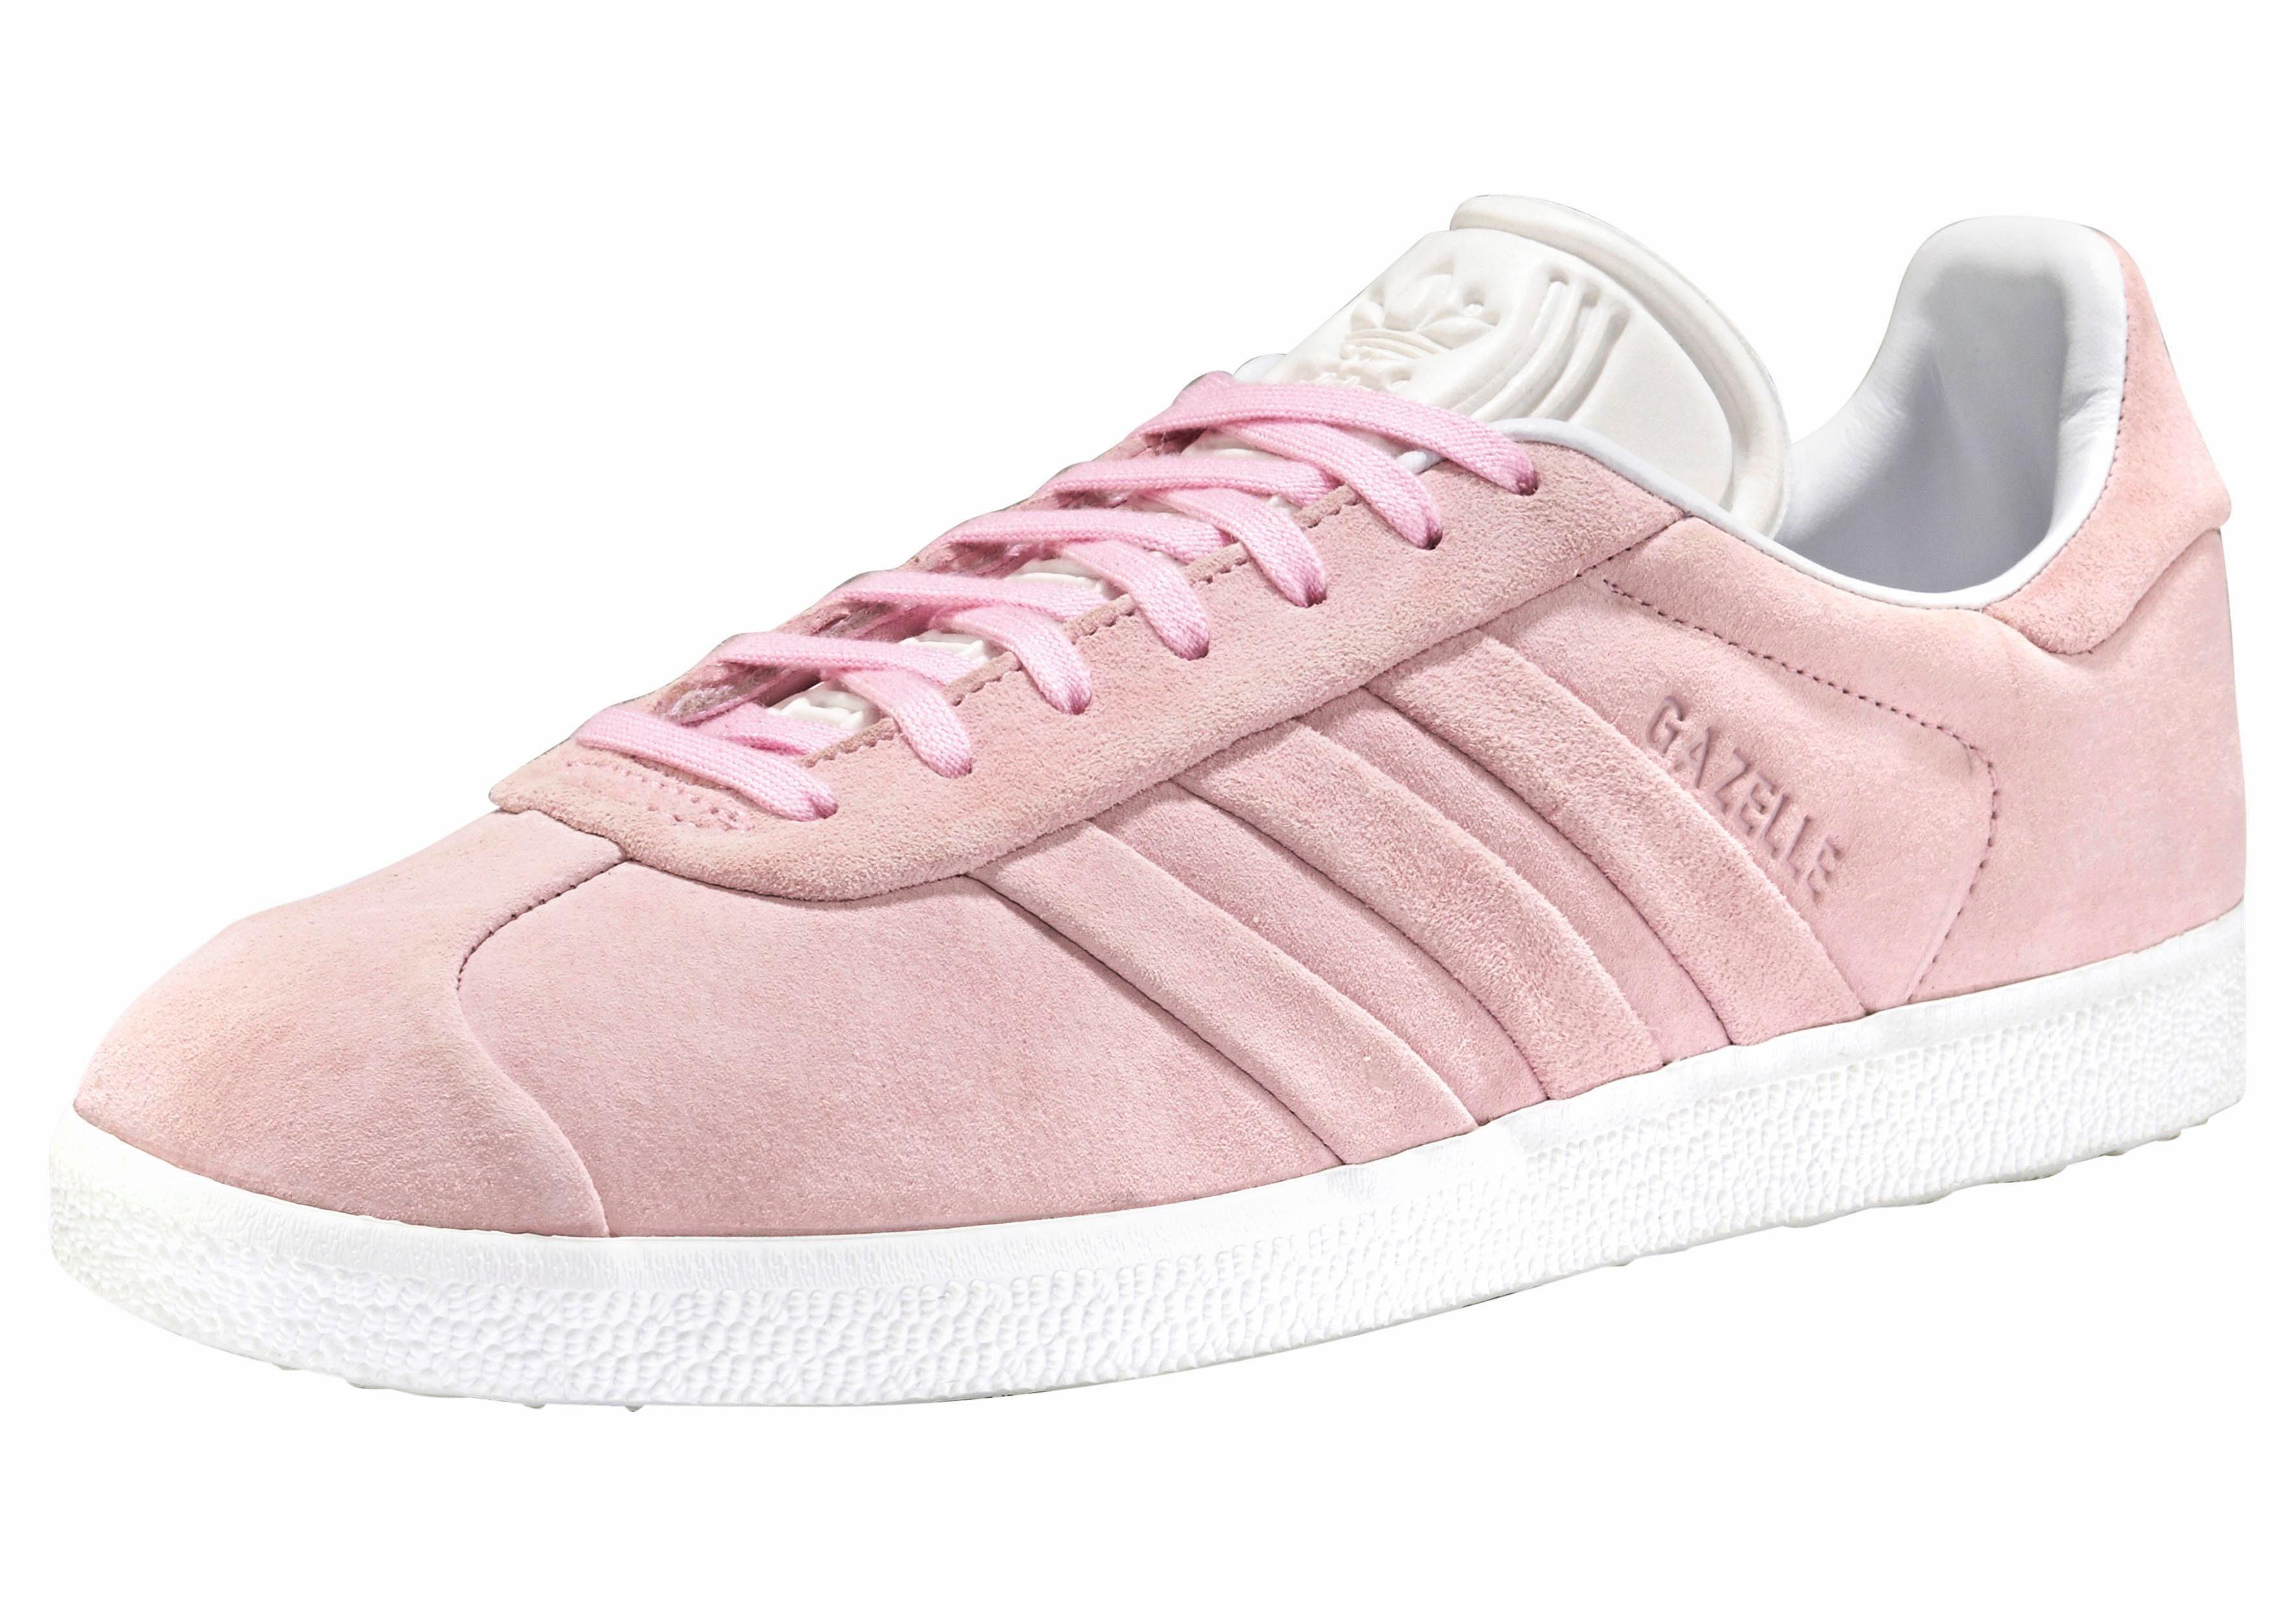 adidas Originals Gazelle Stitch and Turn W Sneaker online kaufen  rosé